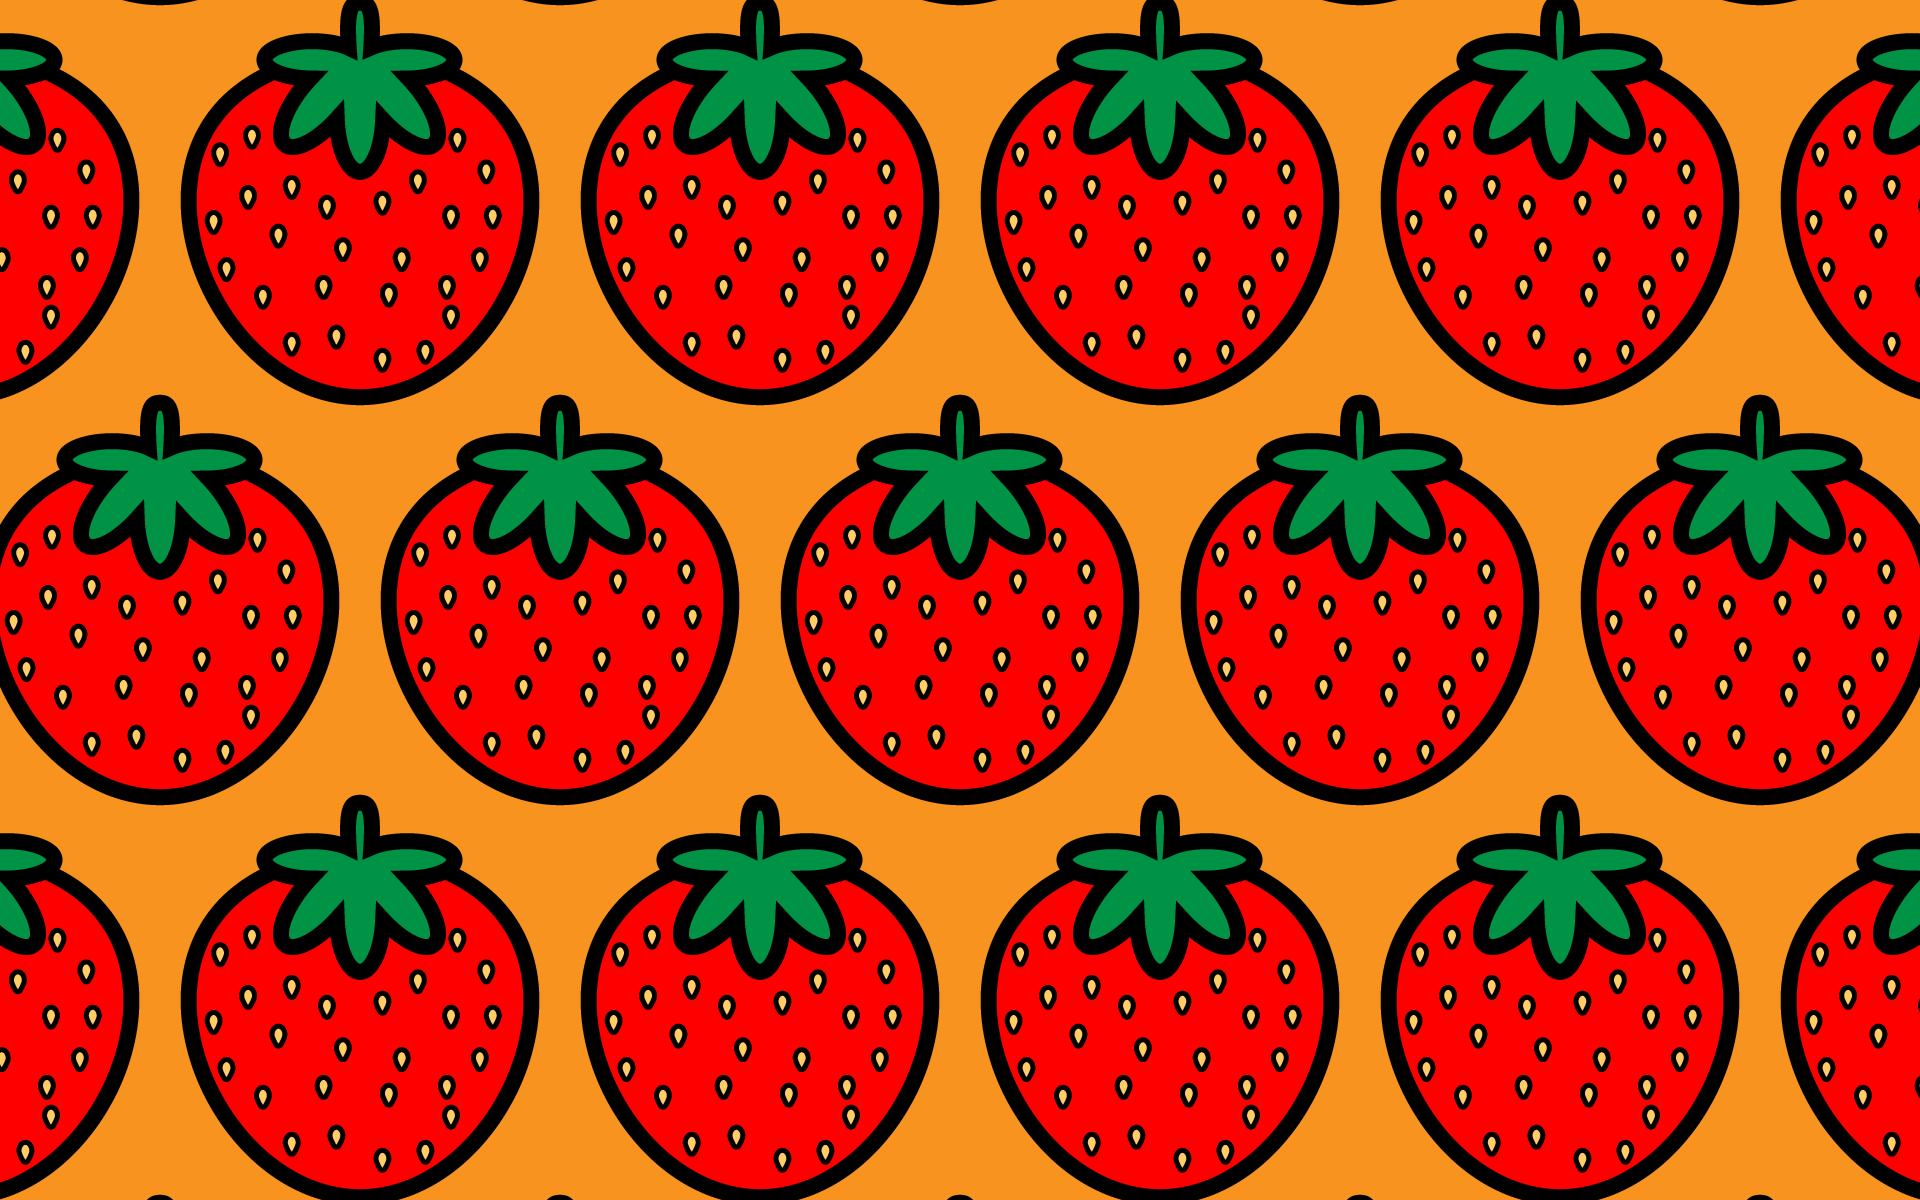 かわいいイチゴづくし壁紙(PC)の無料イラスト・商用フリー